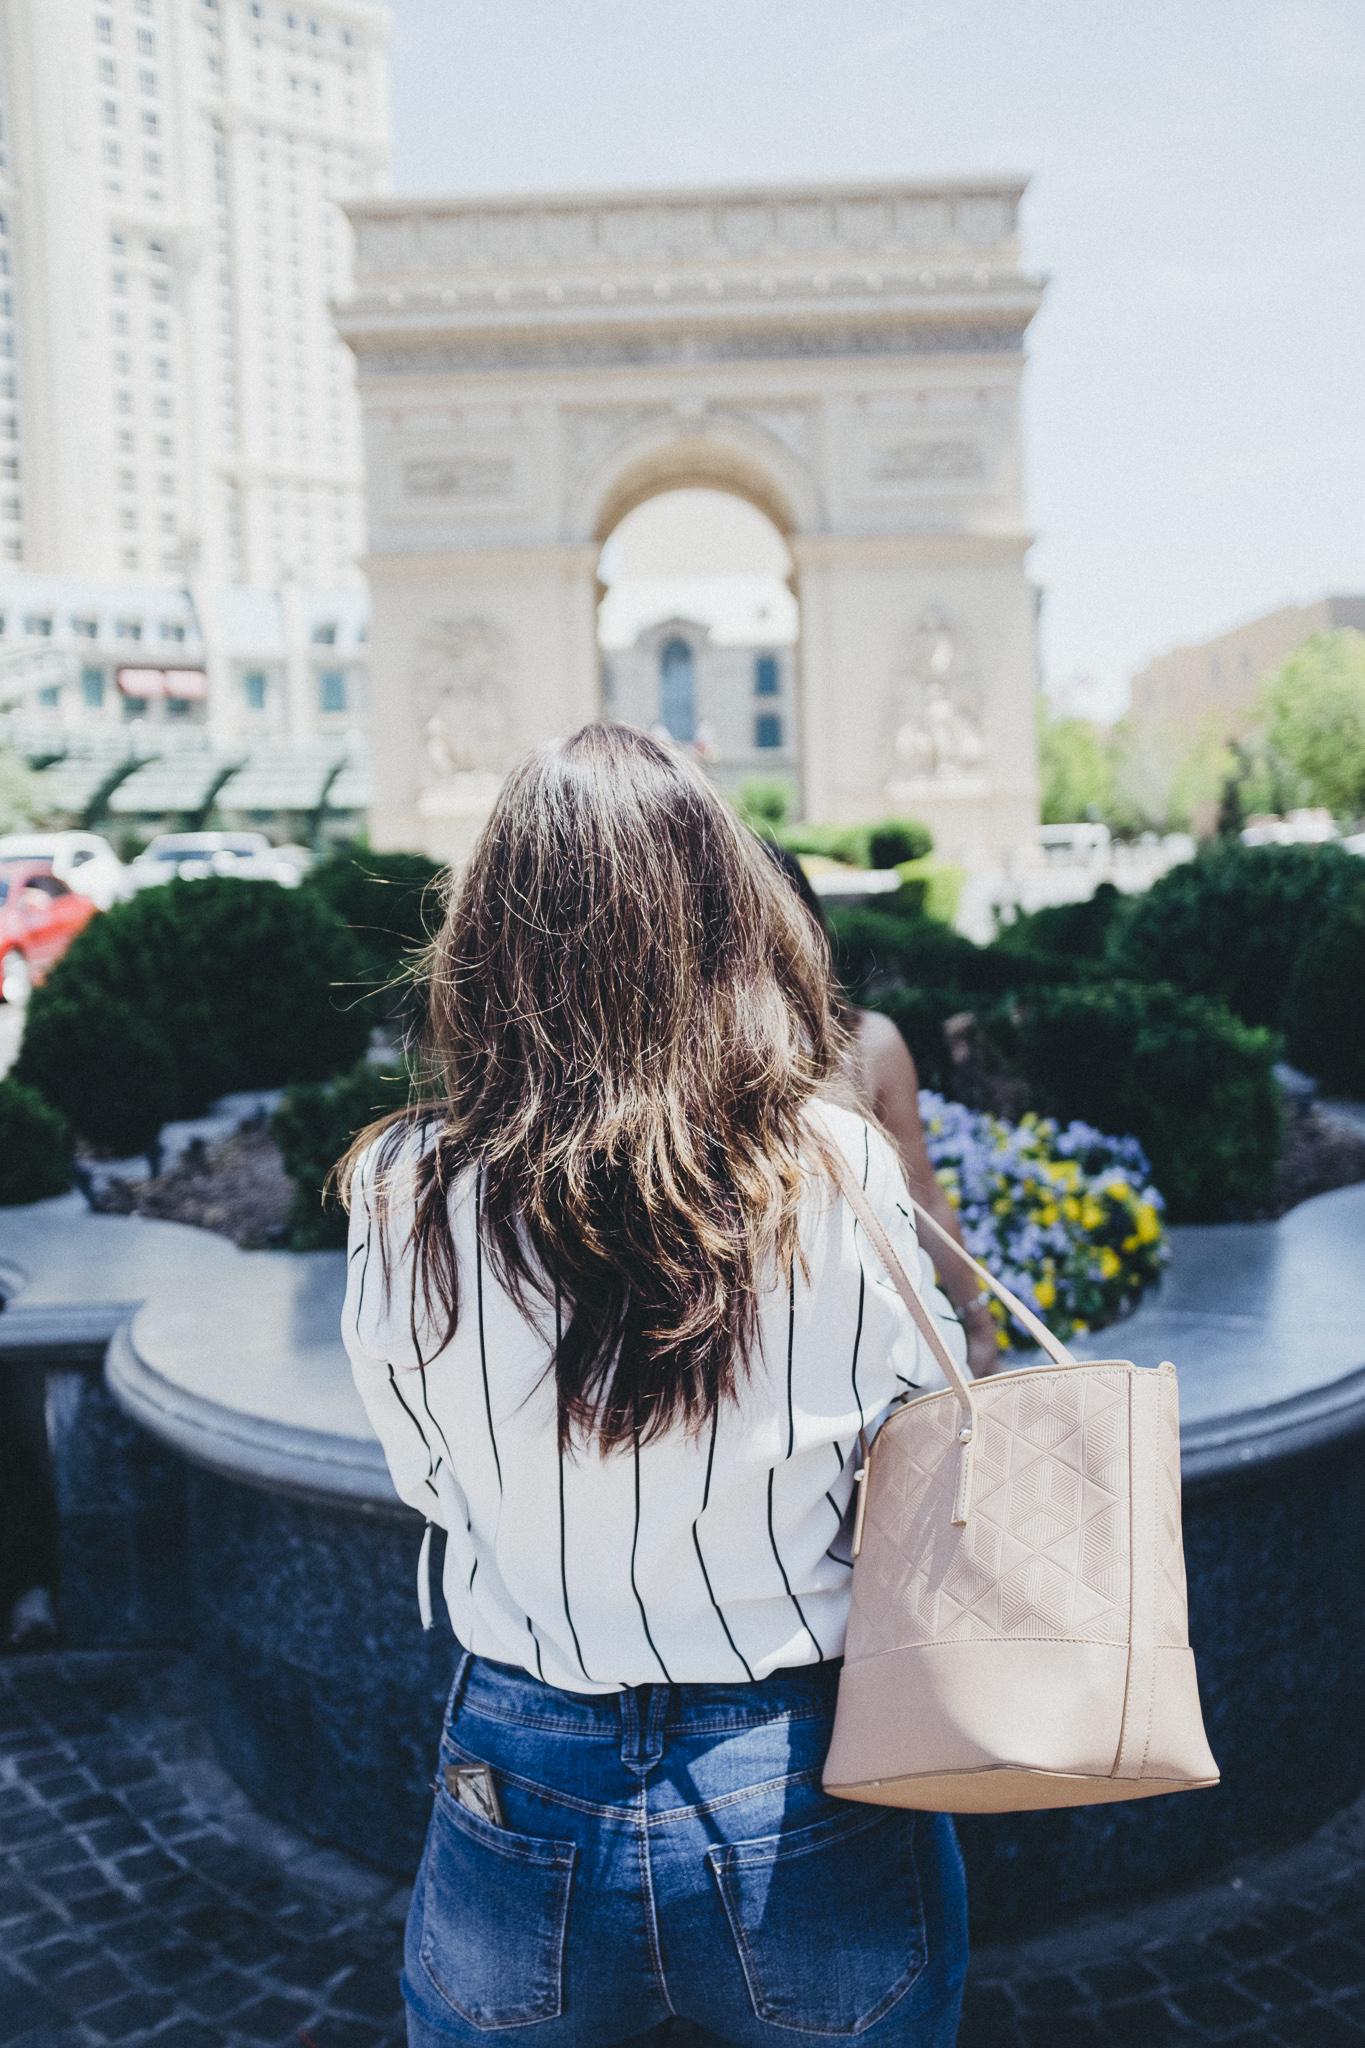 Springtime in Paris ☀️🌷✌️